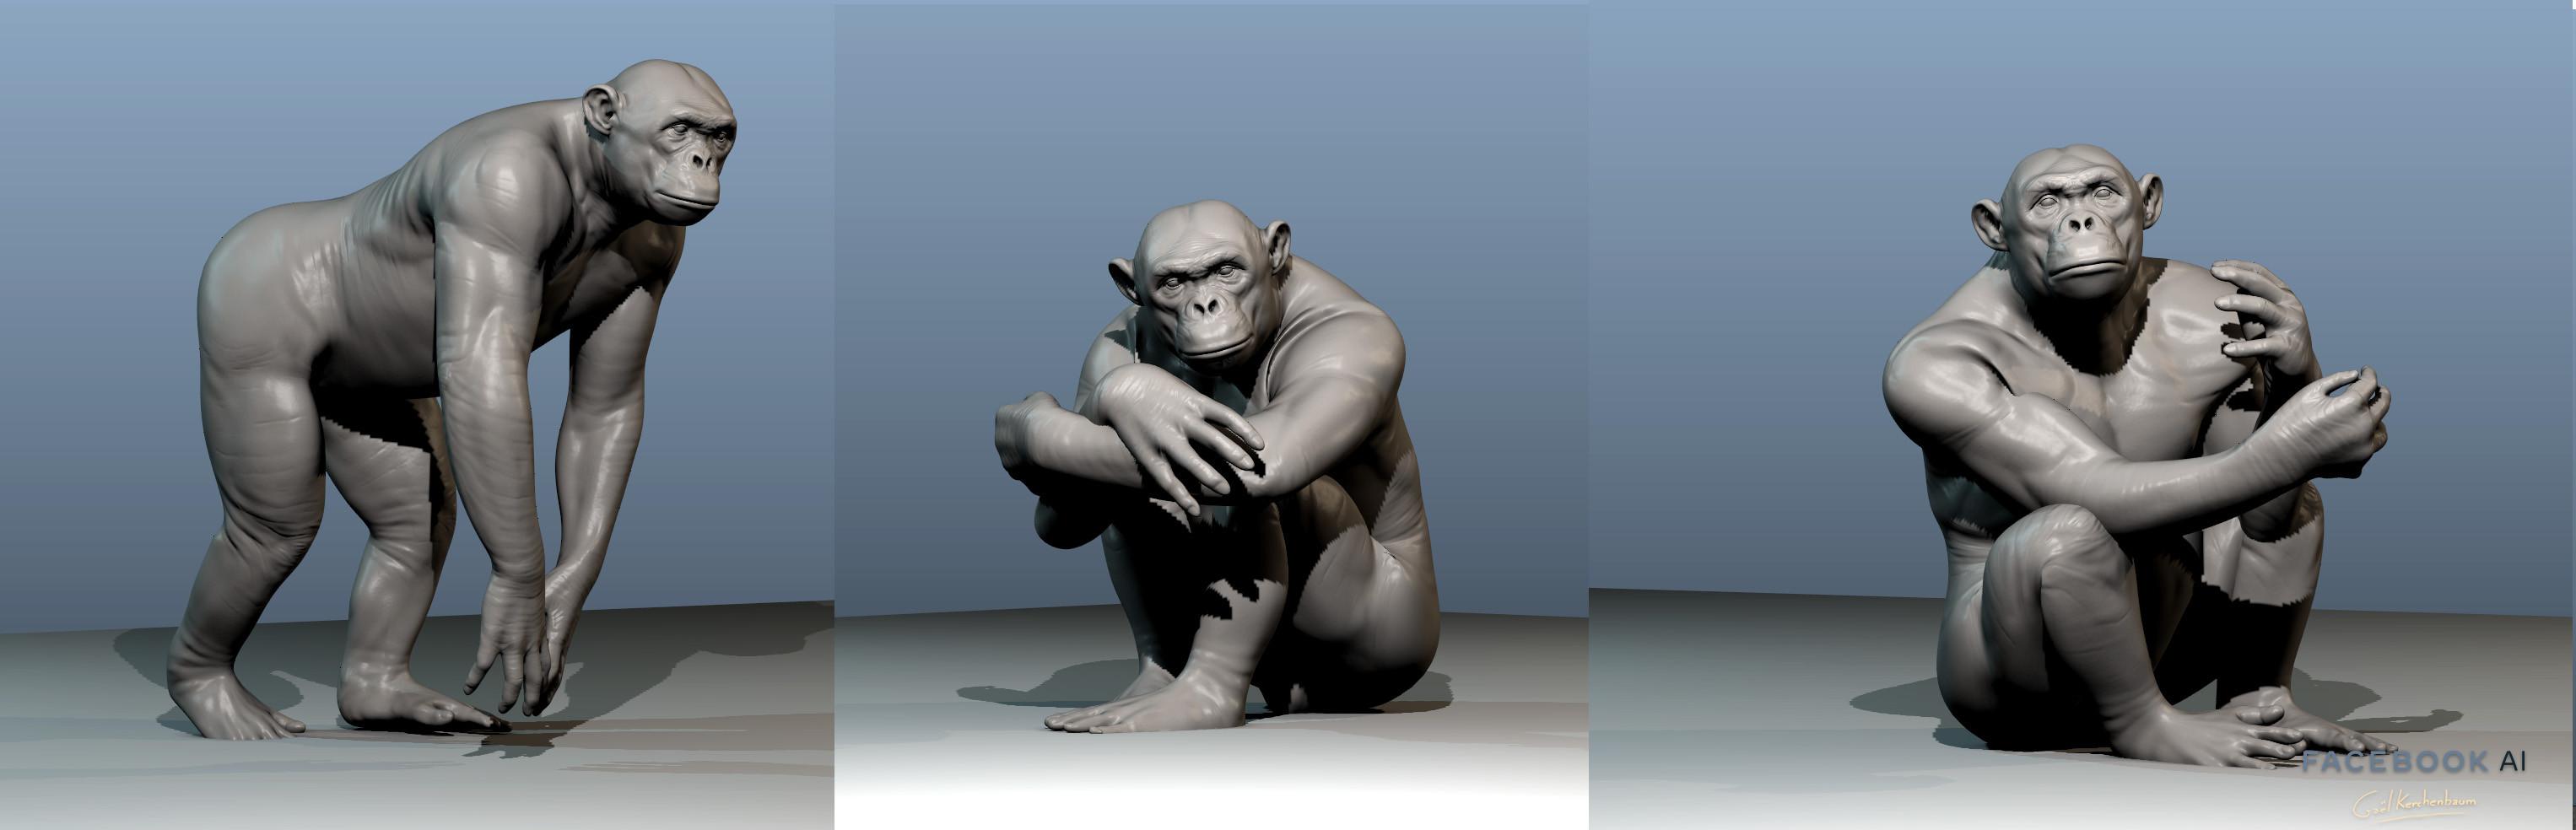 Chimp poses aligned on Data set